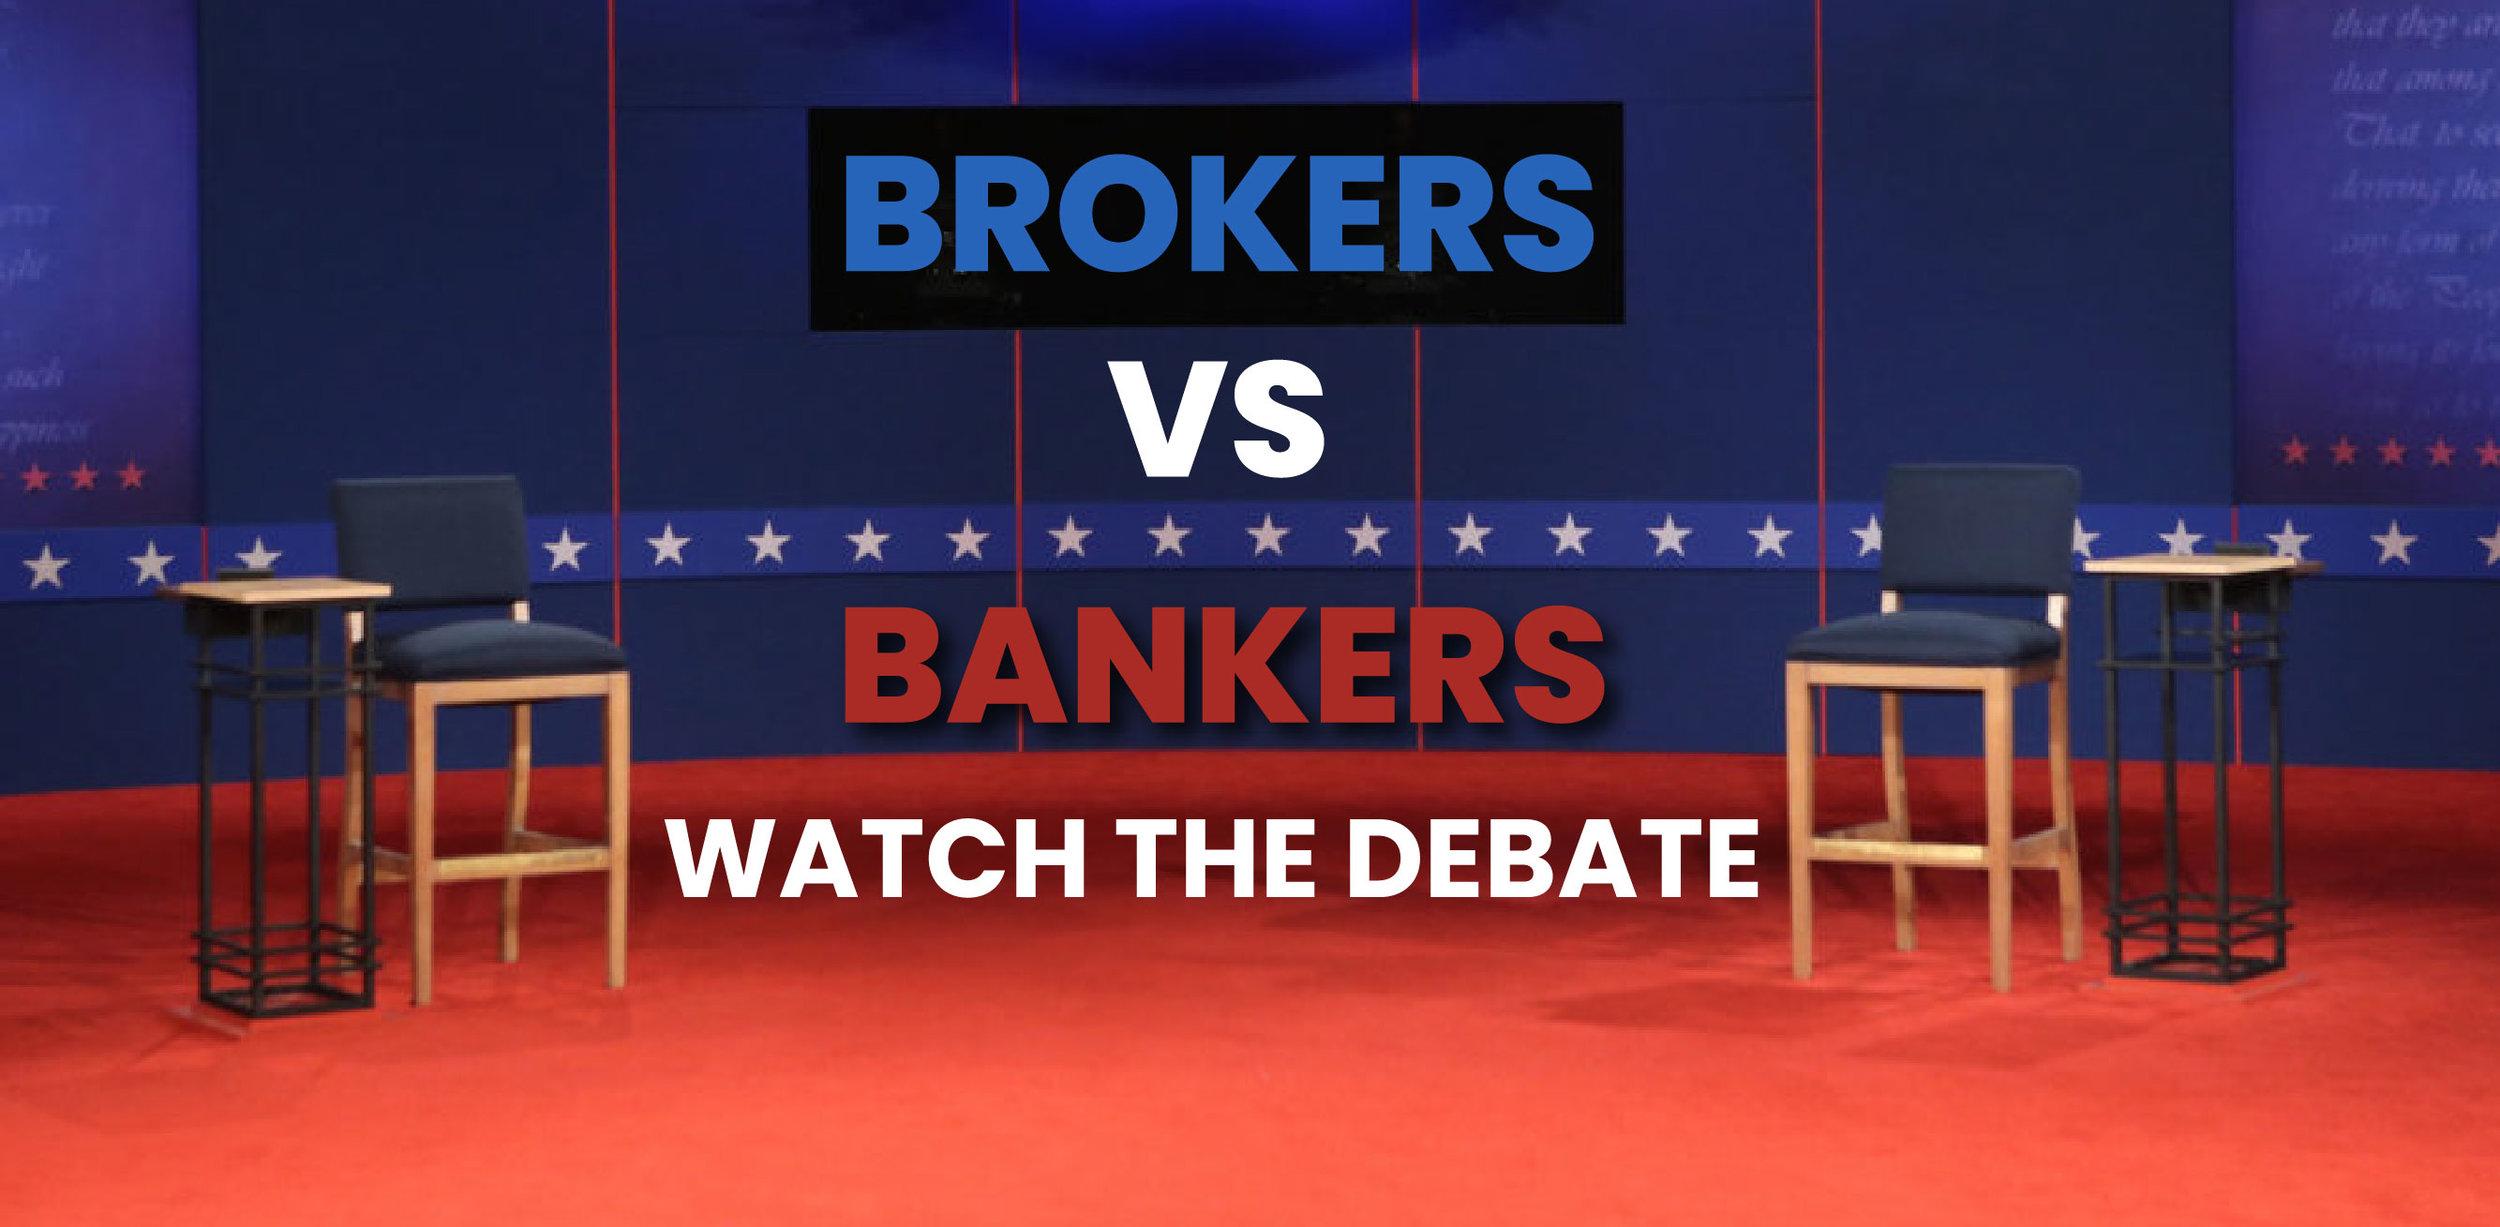 Broker VS Banker Debate